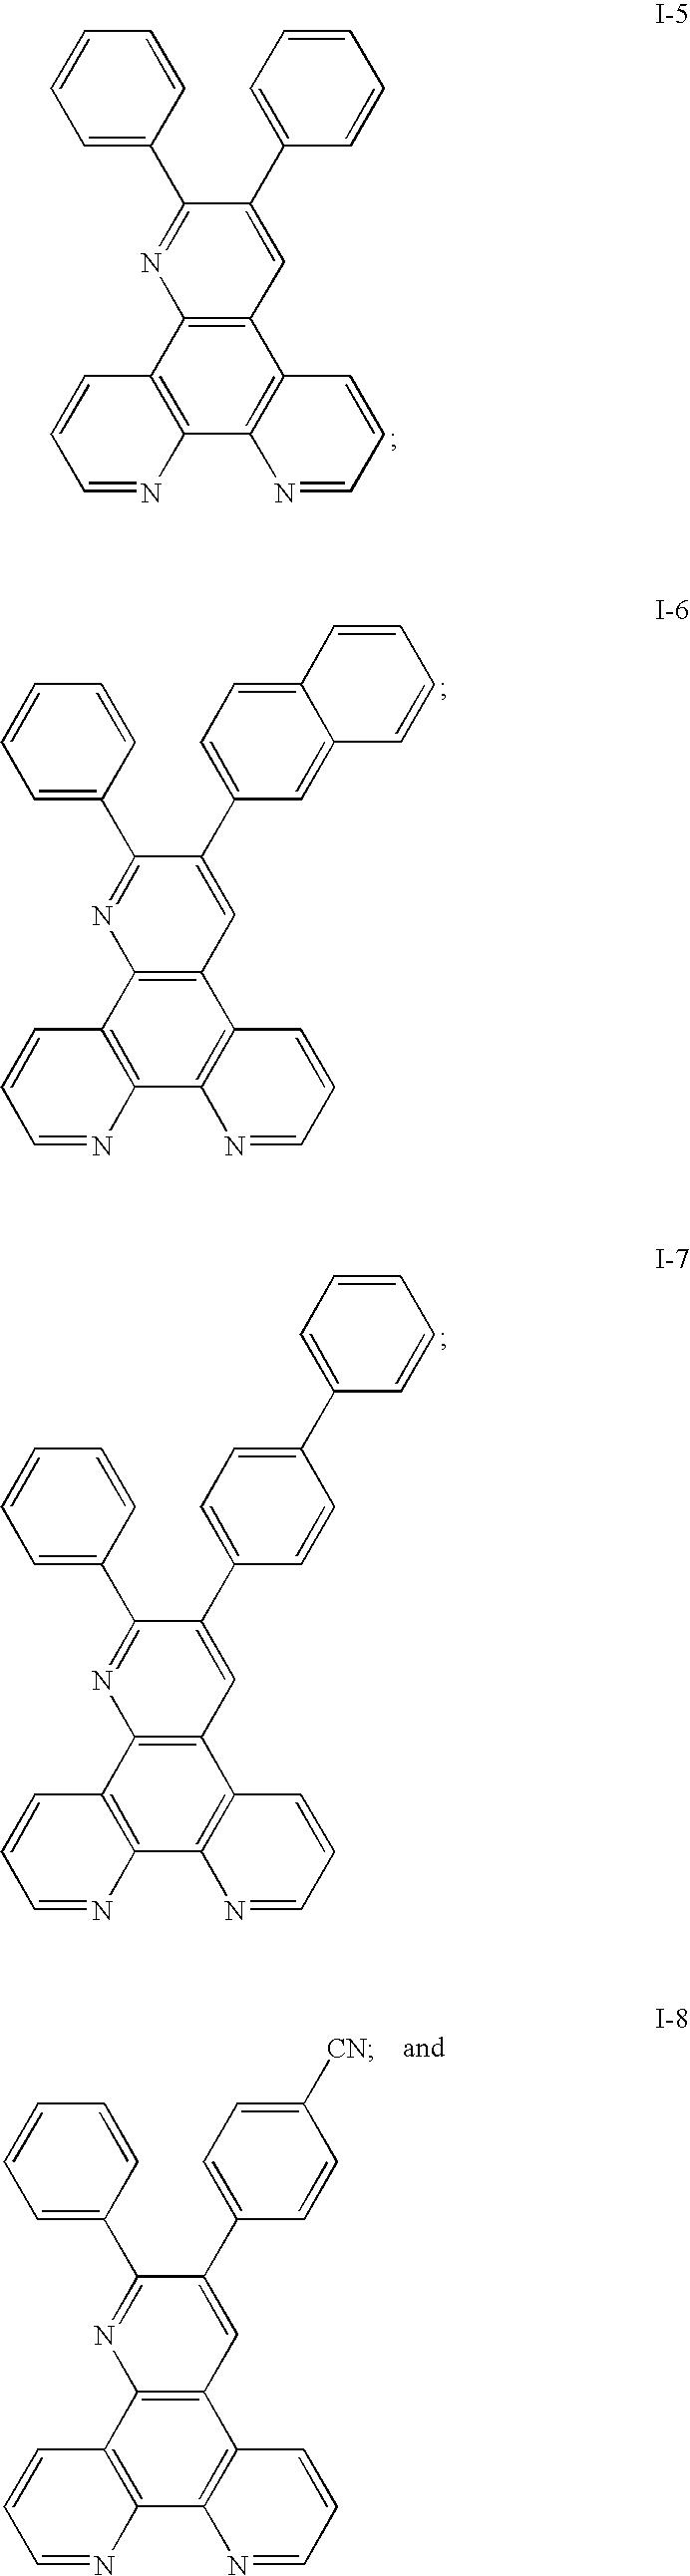 Figure US20090115316A1-20090507-C00041